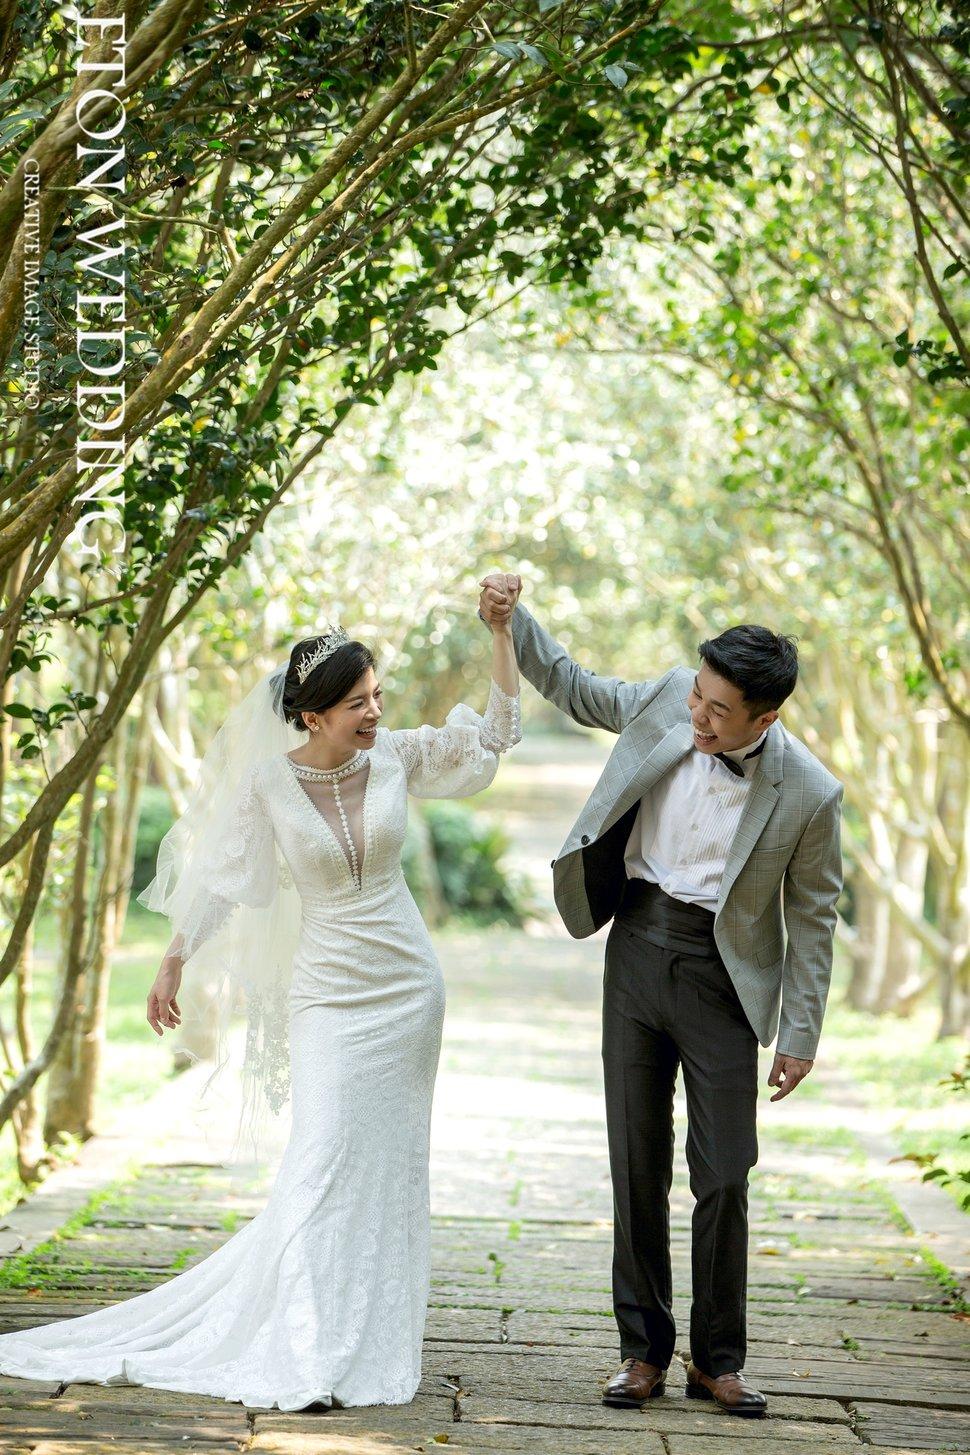 伊頓自助婚紗,台北婚紗 (4) - 伊頓自助婚紗 ▌台北高雄板橋桃園新竹台南《結婚吧》